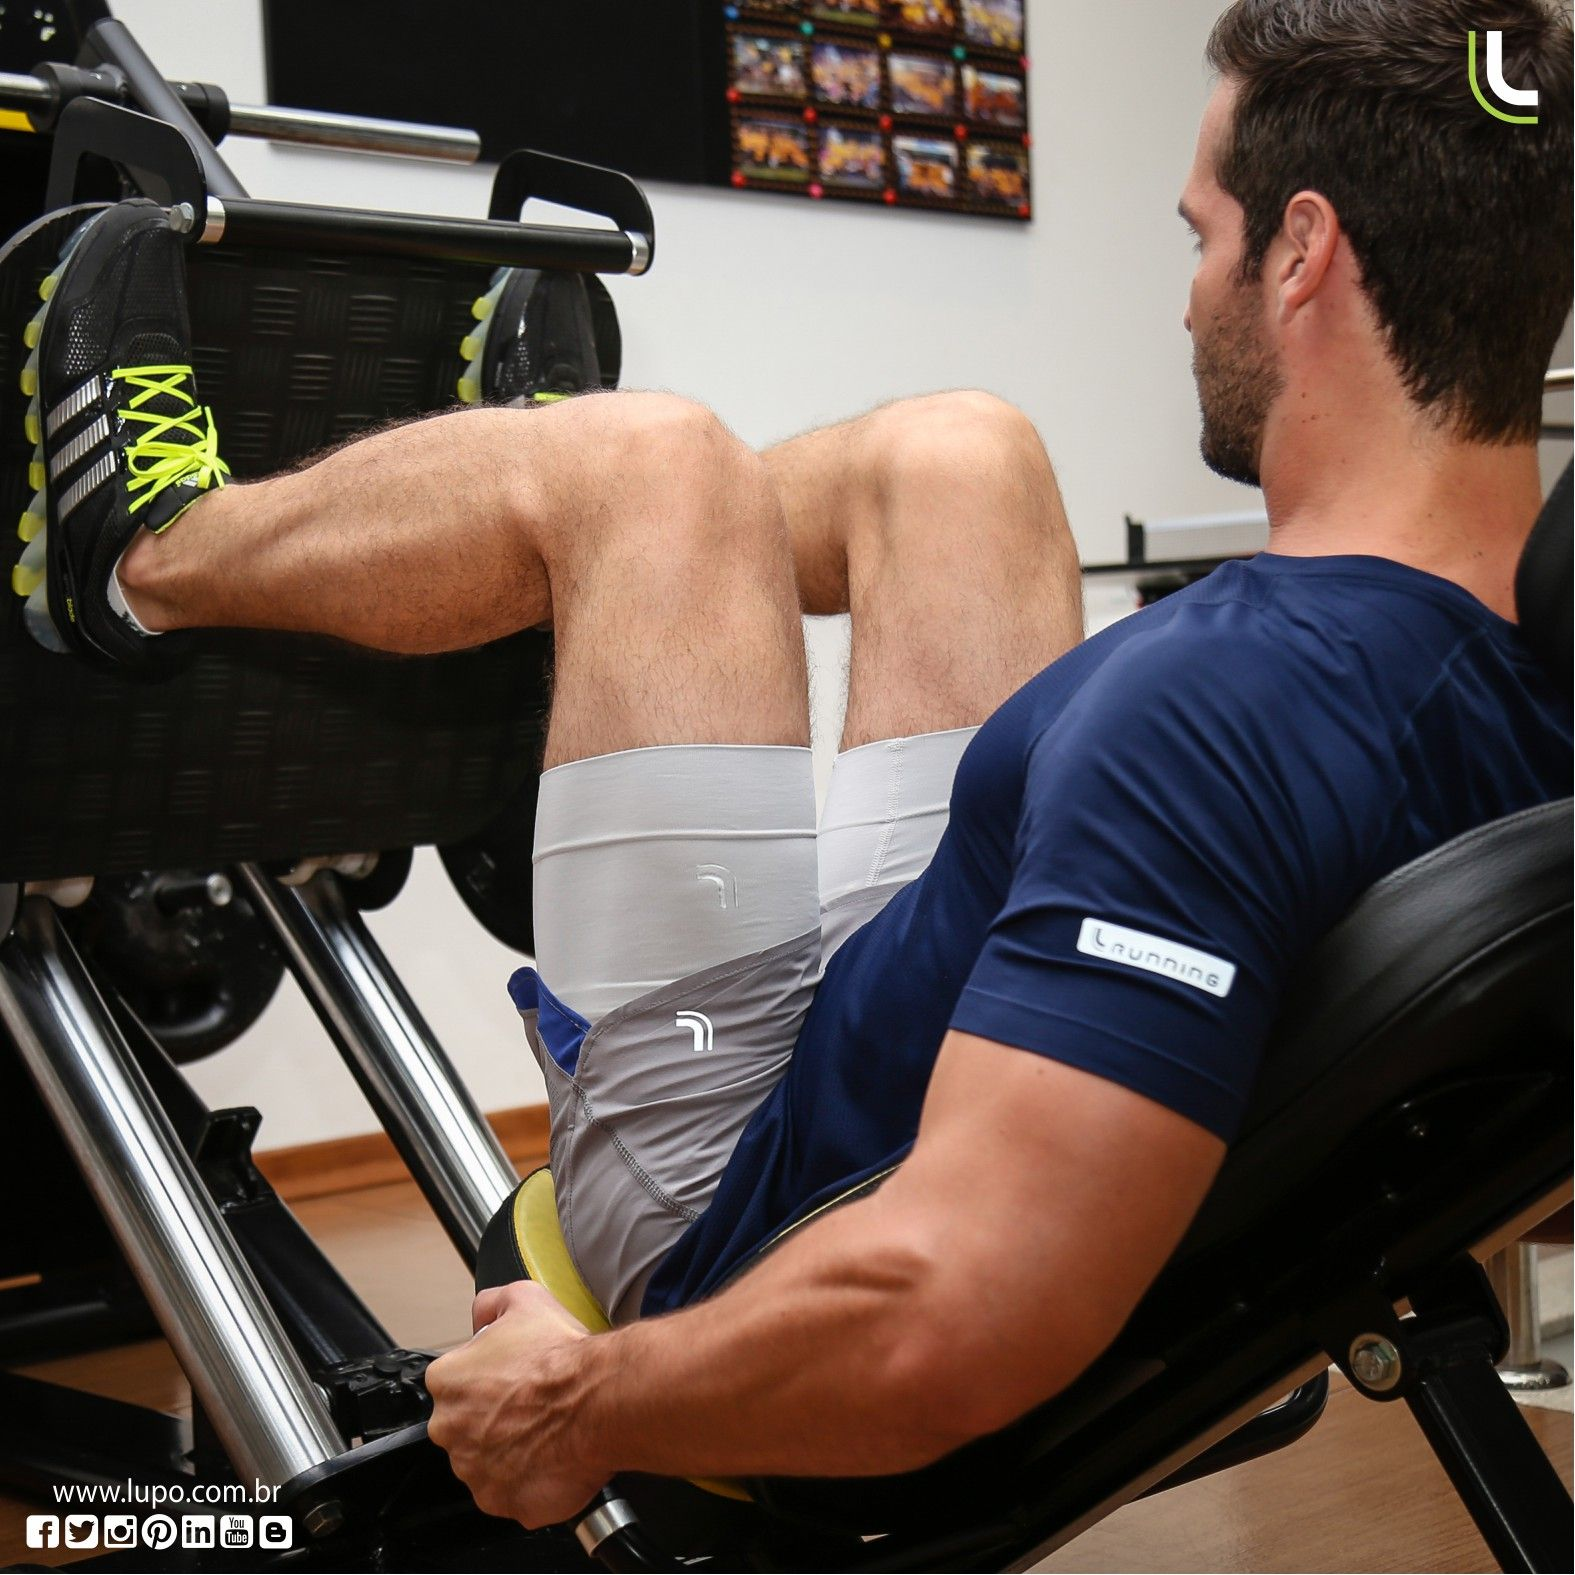 af0127f4a Sapatilha Pilates Lupo Sport  além de linda